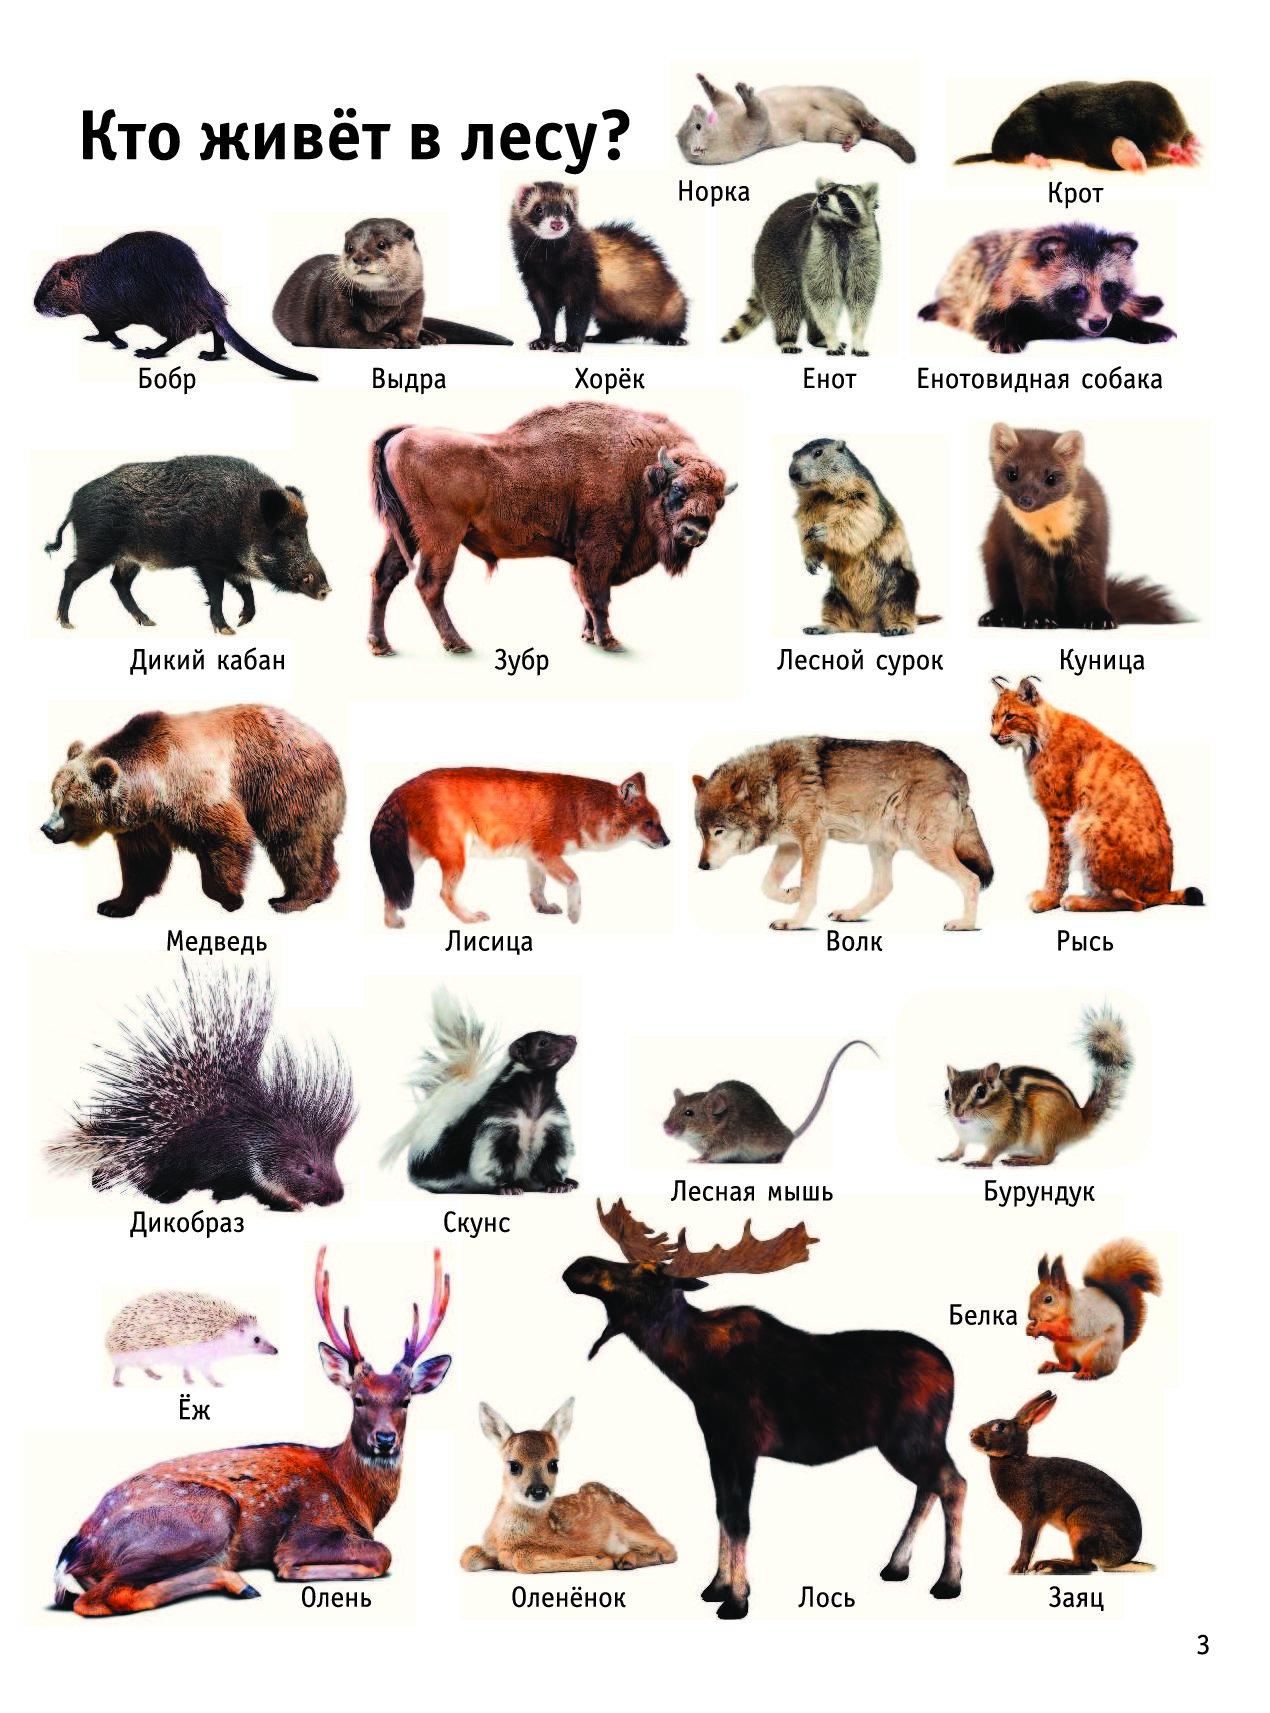 моющиеся фотообои название всех животных в лесу с картинками сша сказали